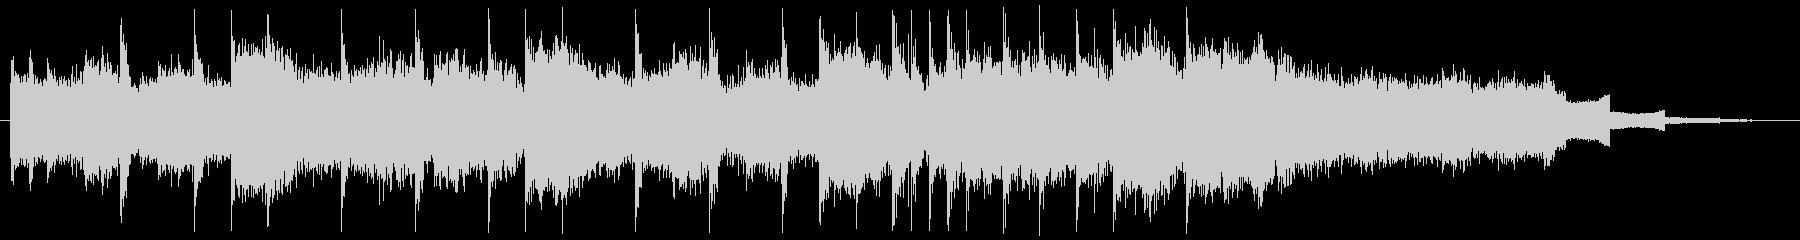 コーナータイトル_EDMの未再生の波形